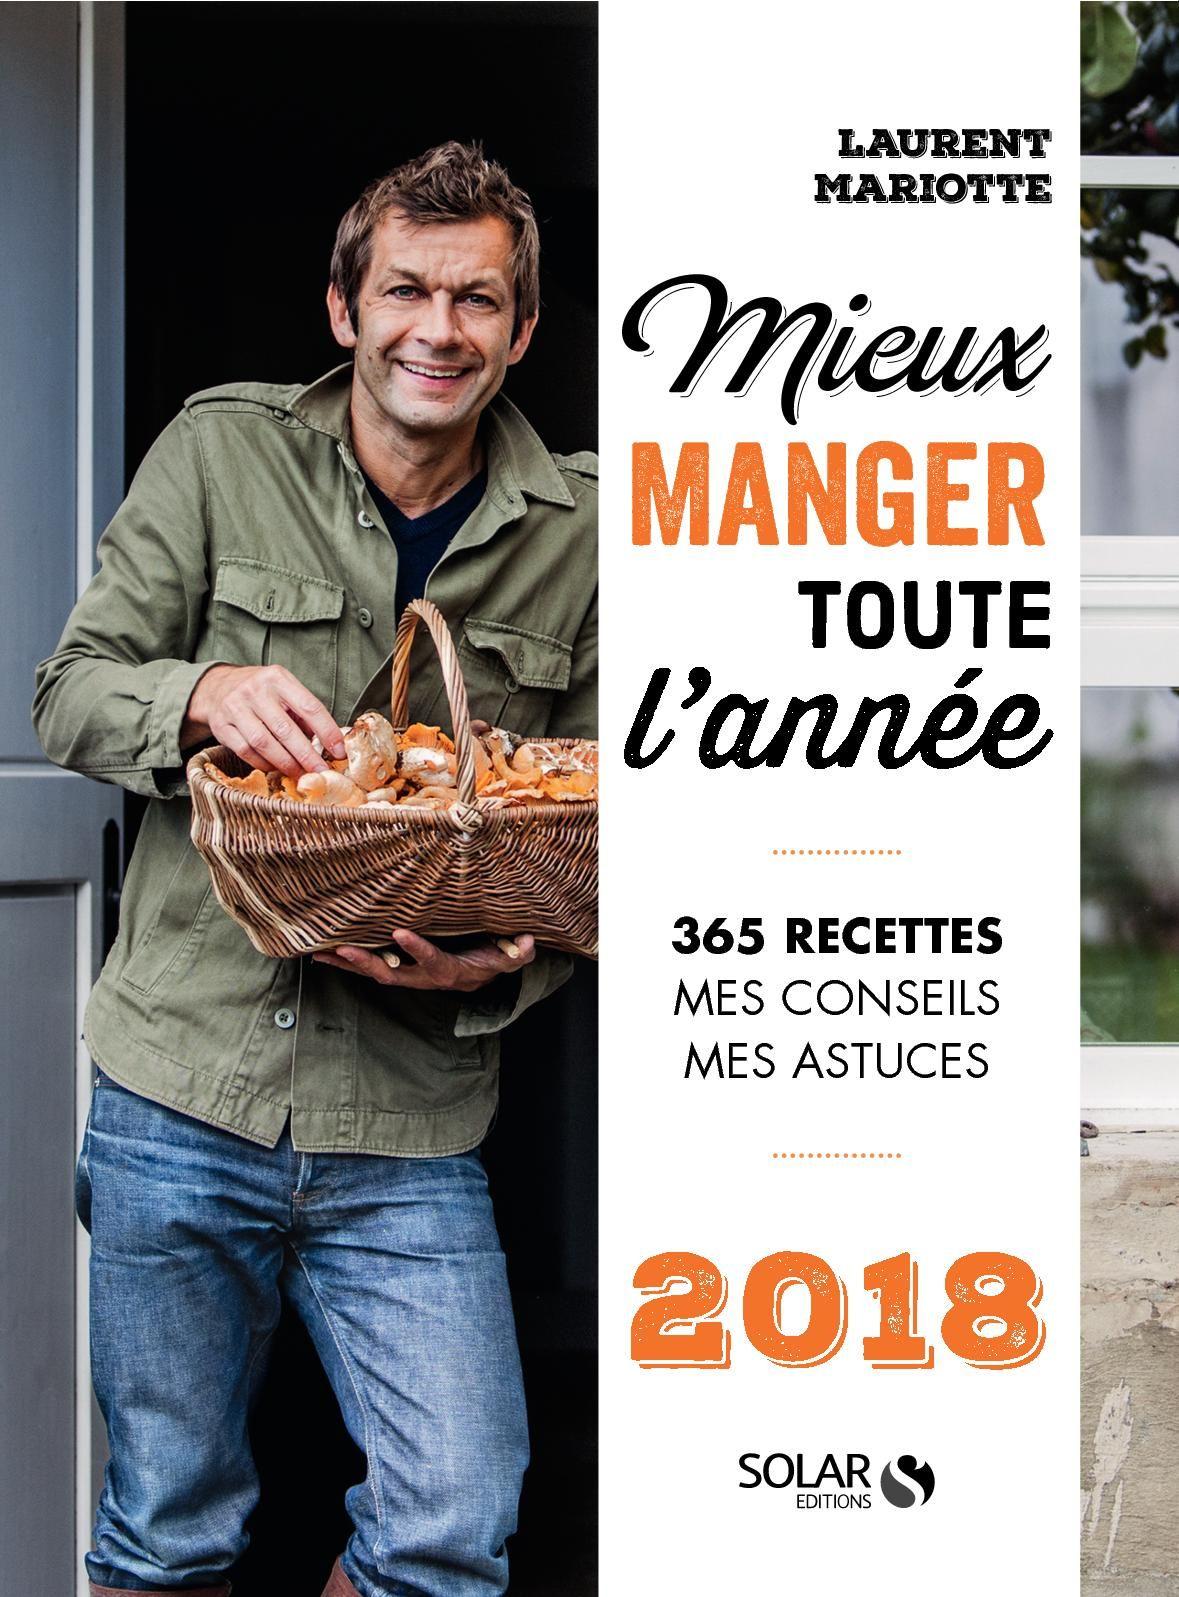 Quiche Lorraine De Laurent Mariotte : quiche, lorraine, laurent, mariotte, Almanach, Laurent, Mariotte,, Suivez